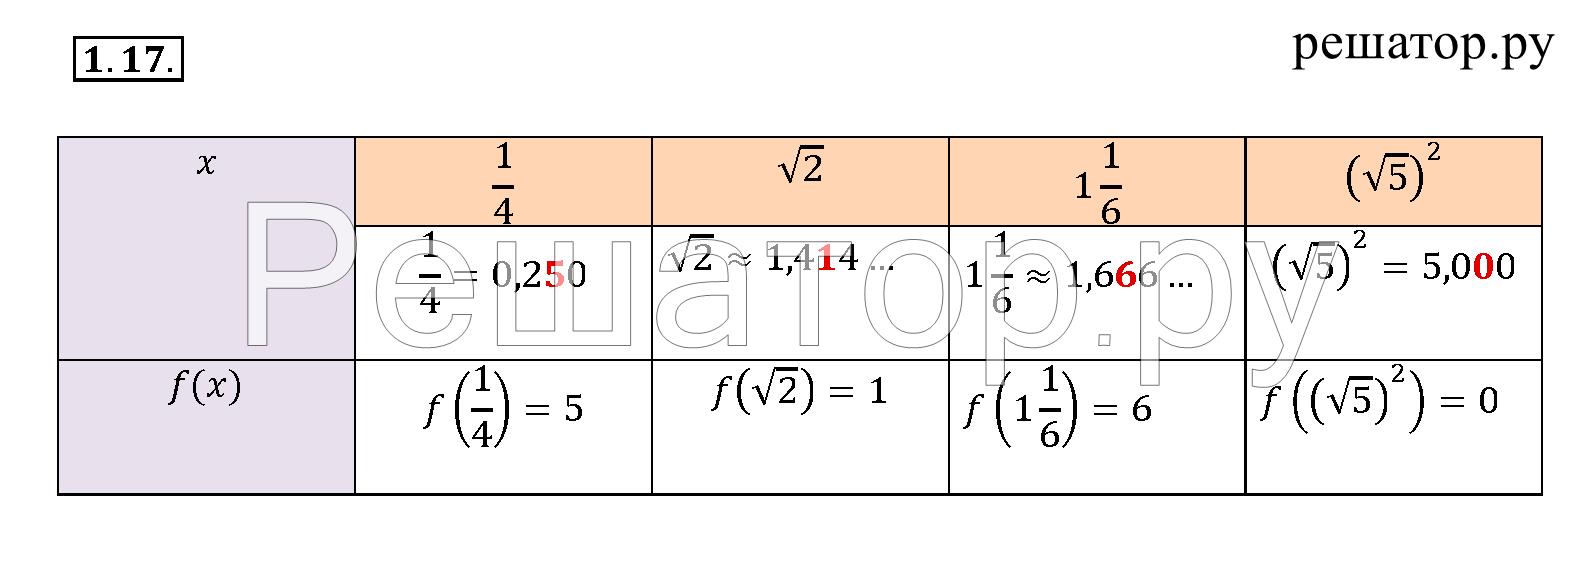 Алгебра задачник мордкович 10 класс 2018 год